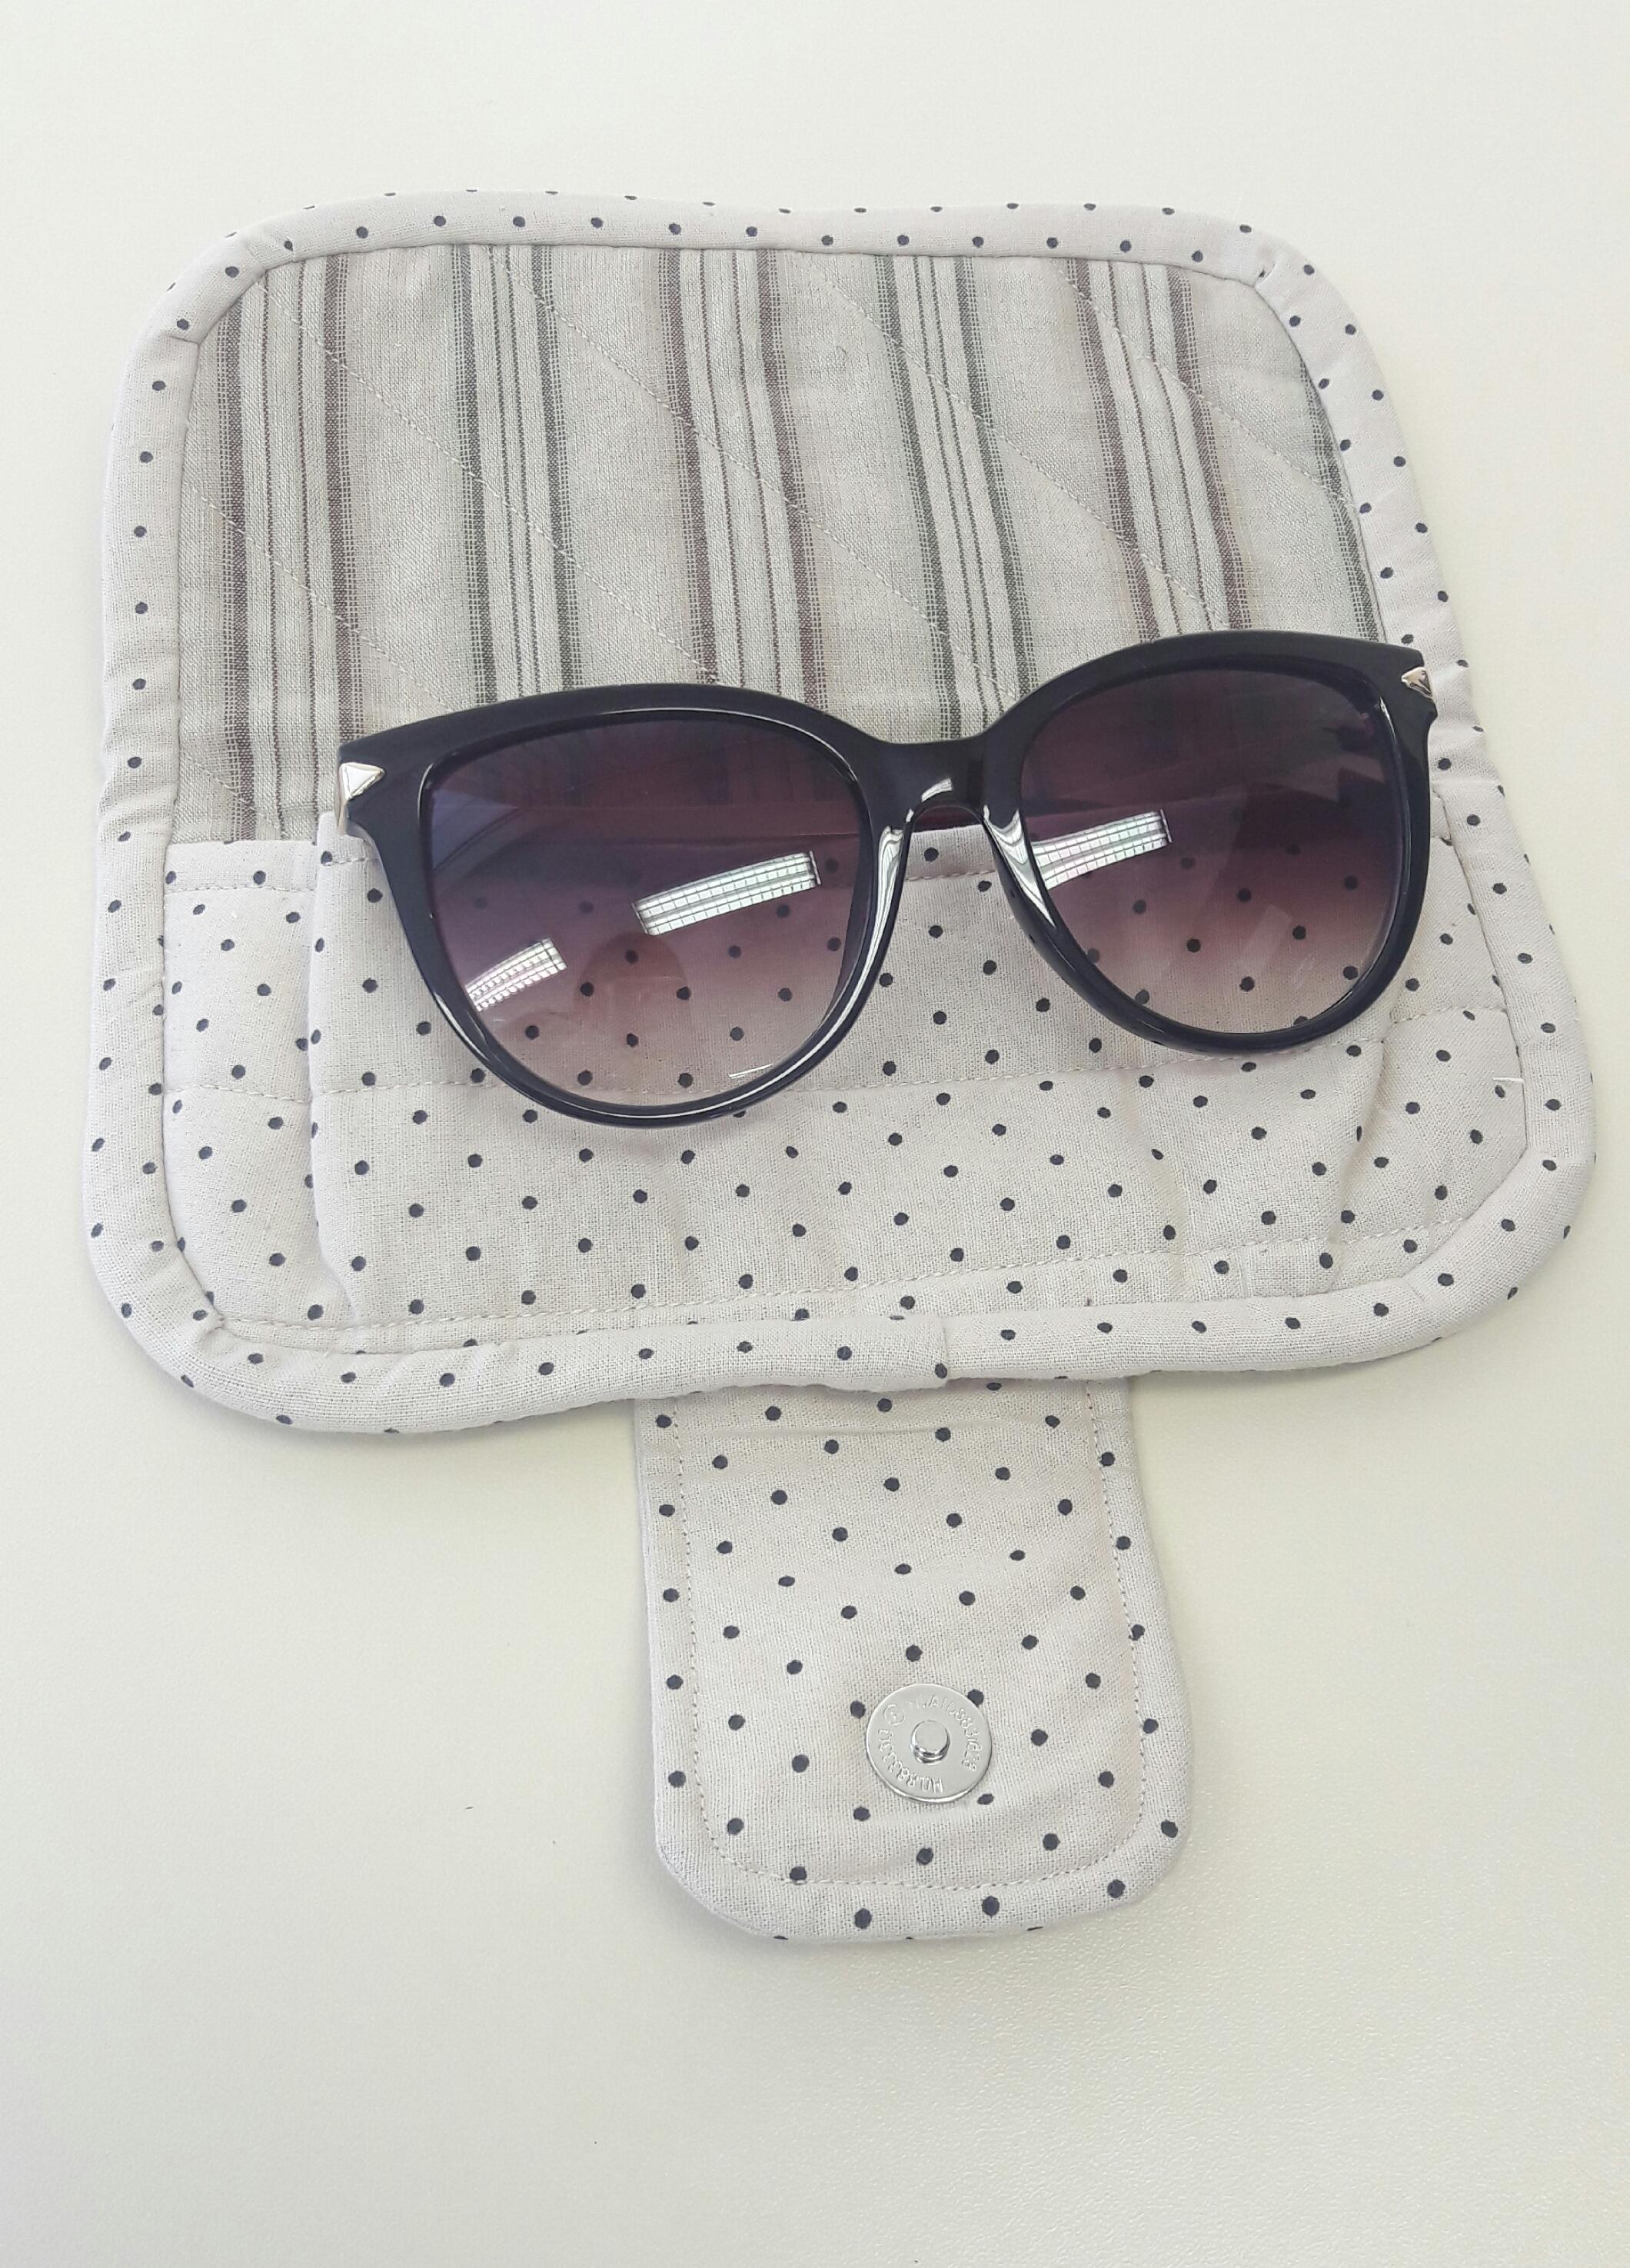 bfacedc04a90b Capa para óculos de sol no Elo7